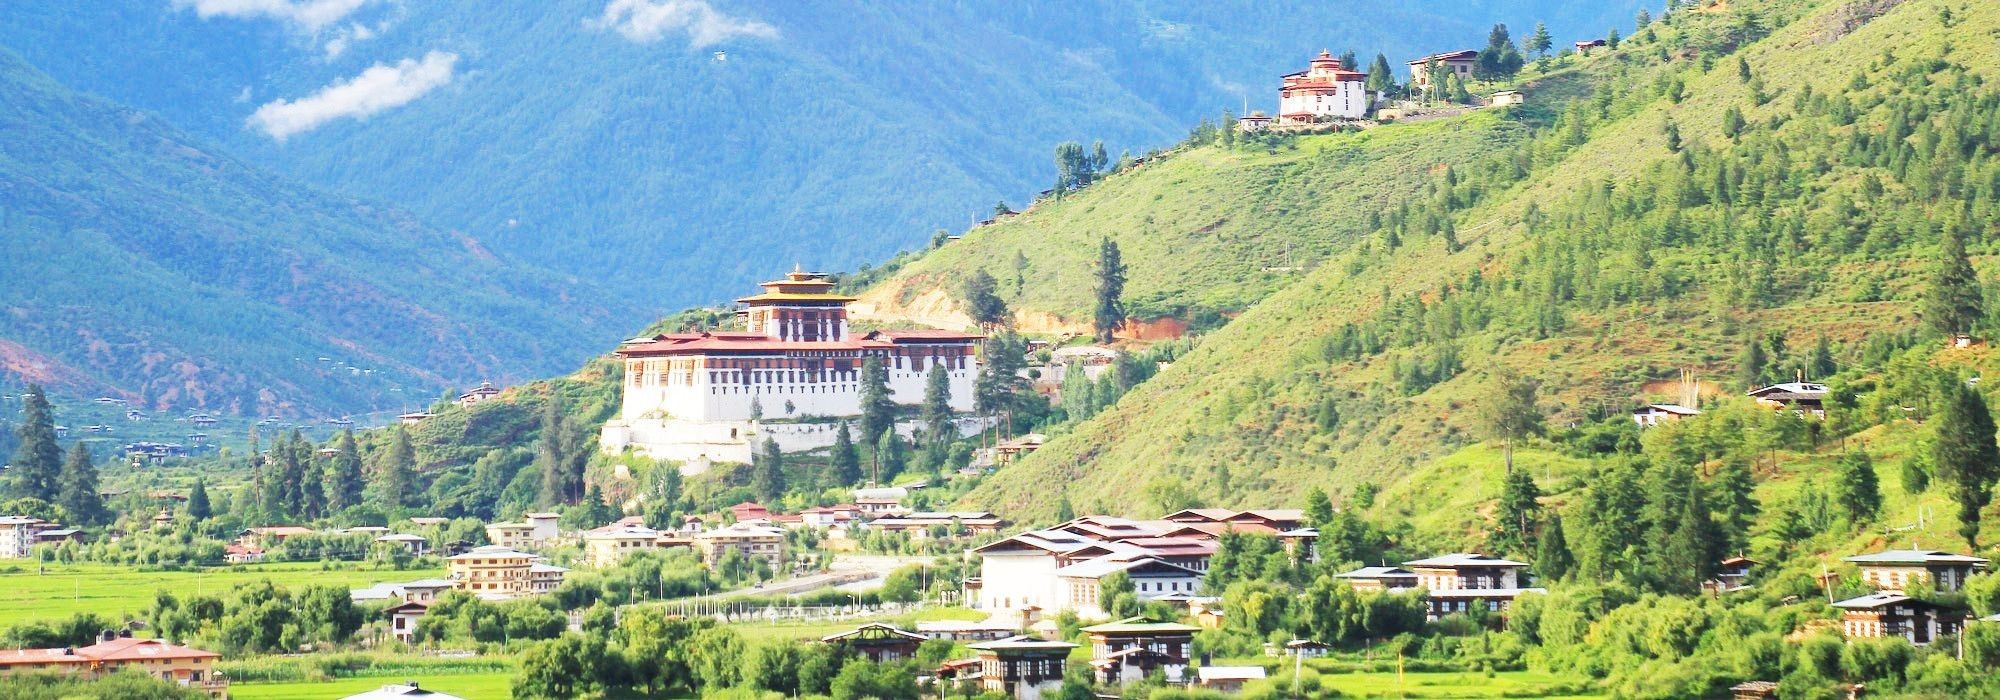 Paro Ringpung Dzong - Amedewa Tours